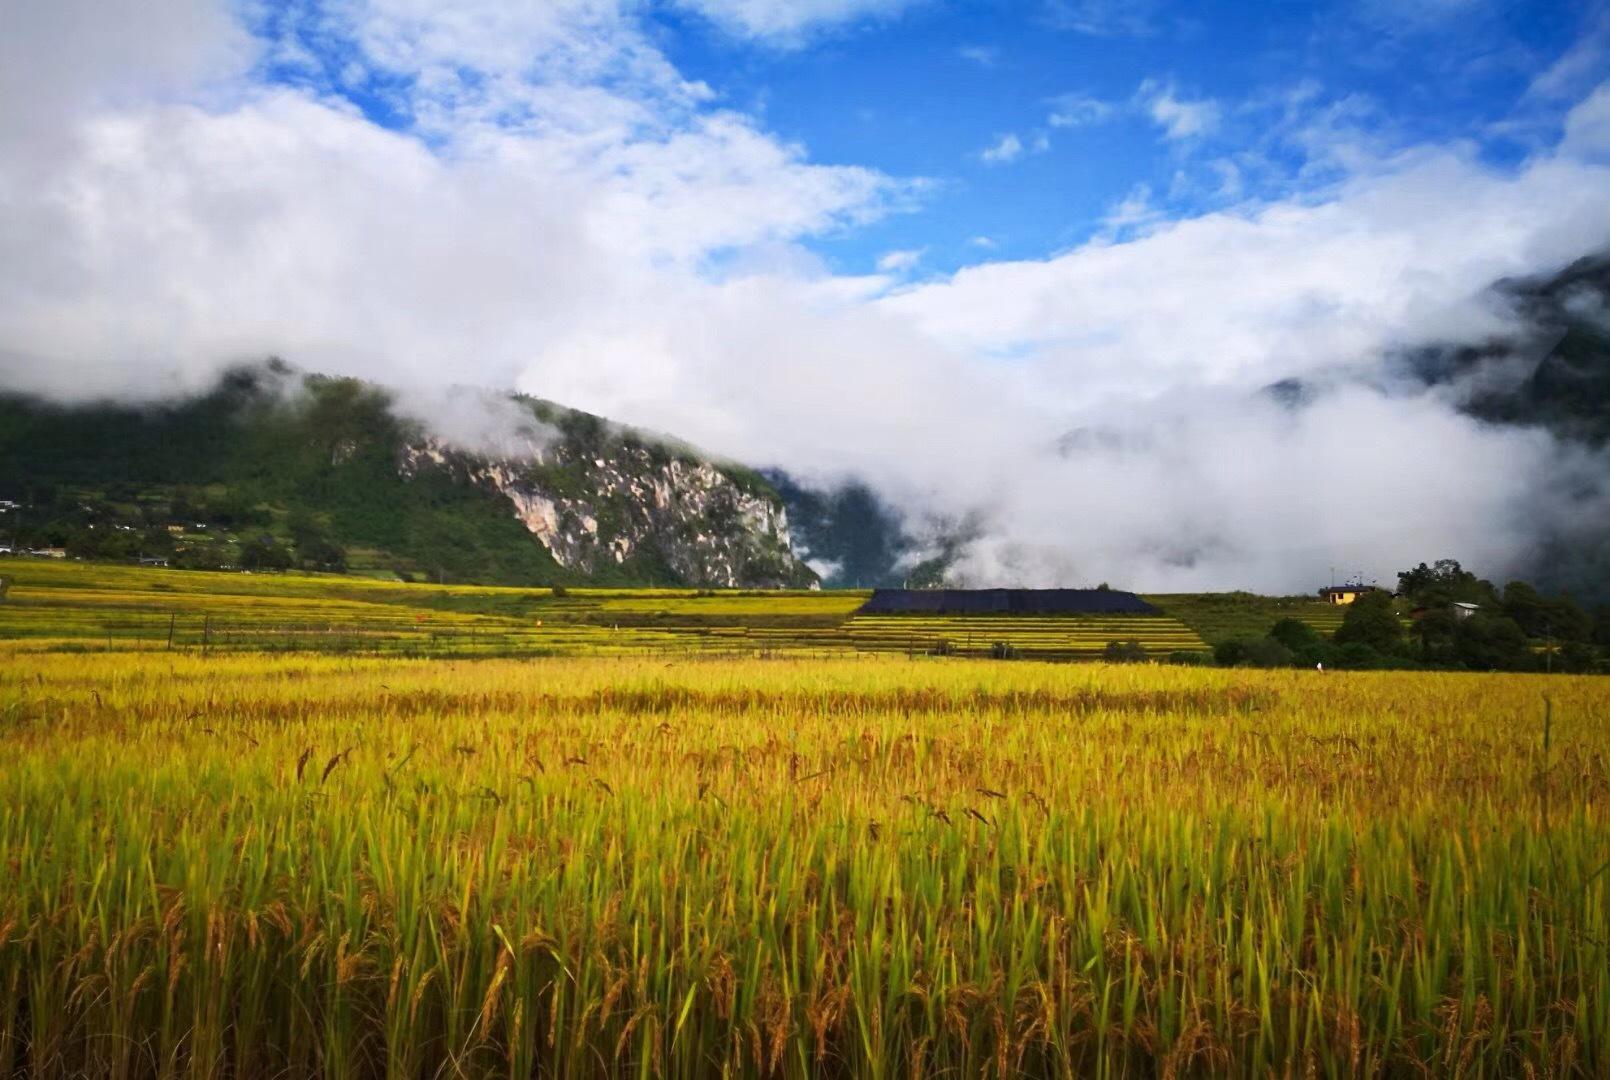 川藏线秋季错峰出行与美食美景有缘,包车拼车住宿也便宜! 川藏线旅游攻略 第13张